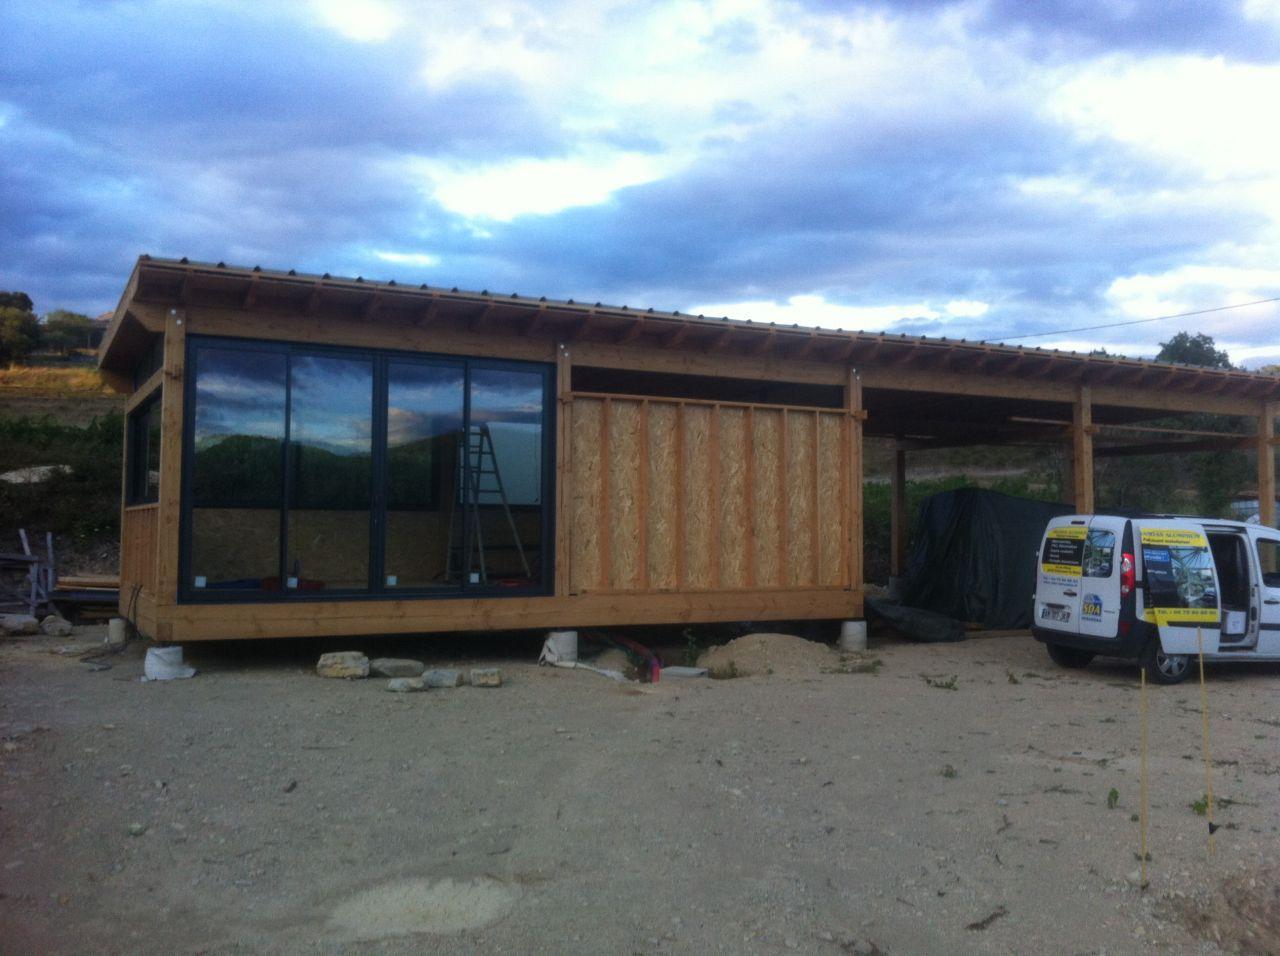 Coulissant de la façade installé (4m x 2.7m)